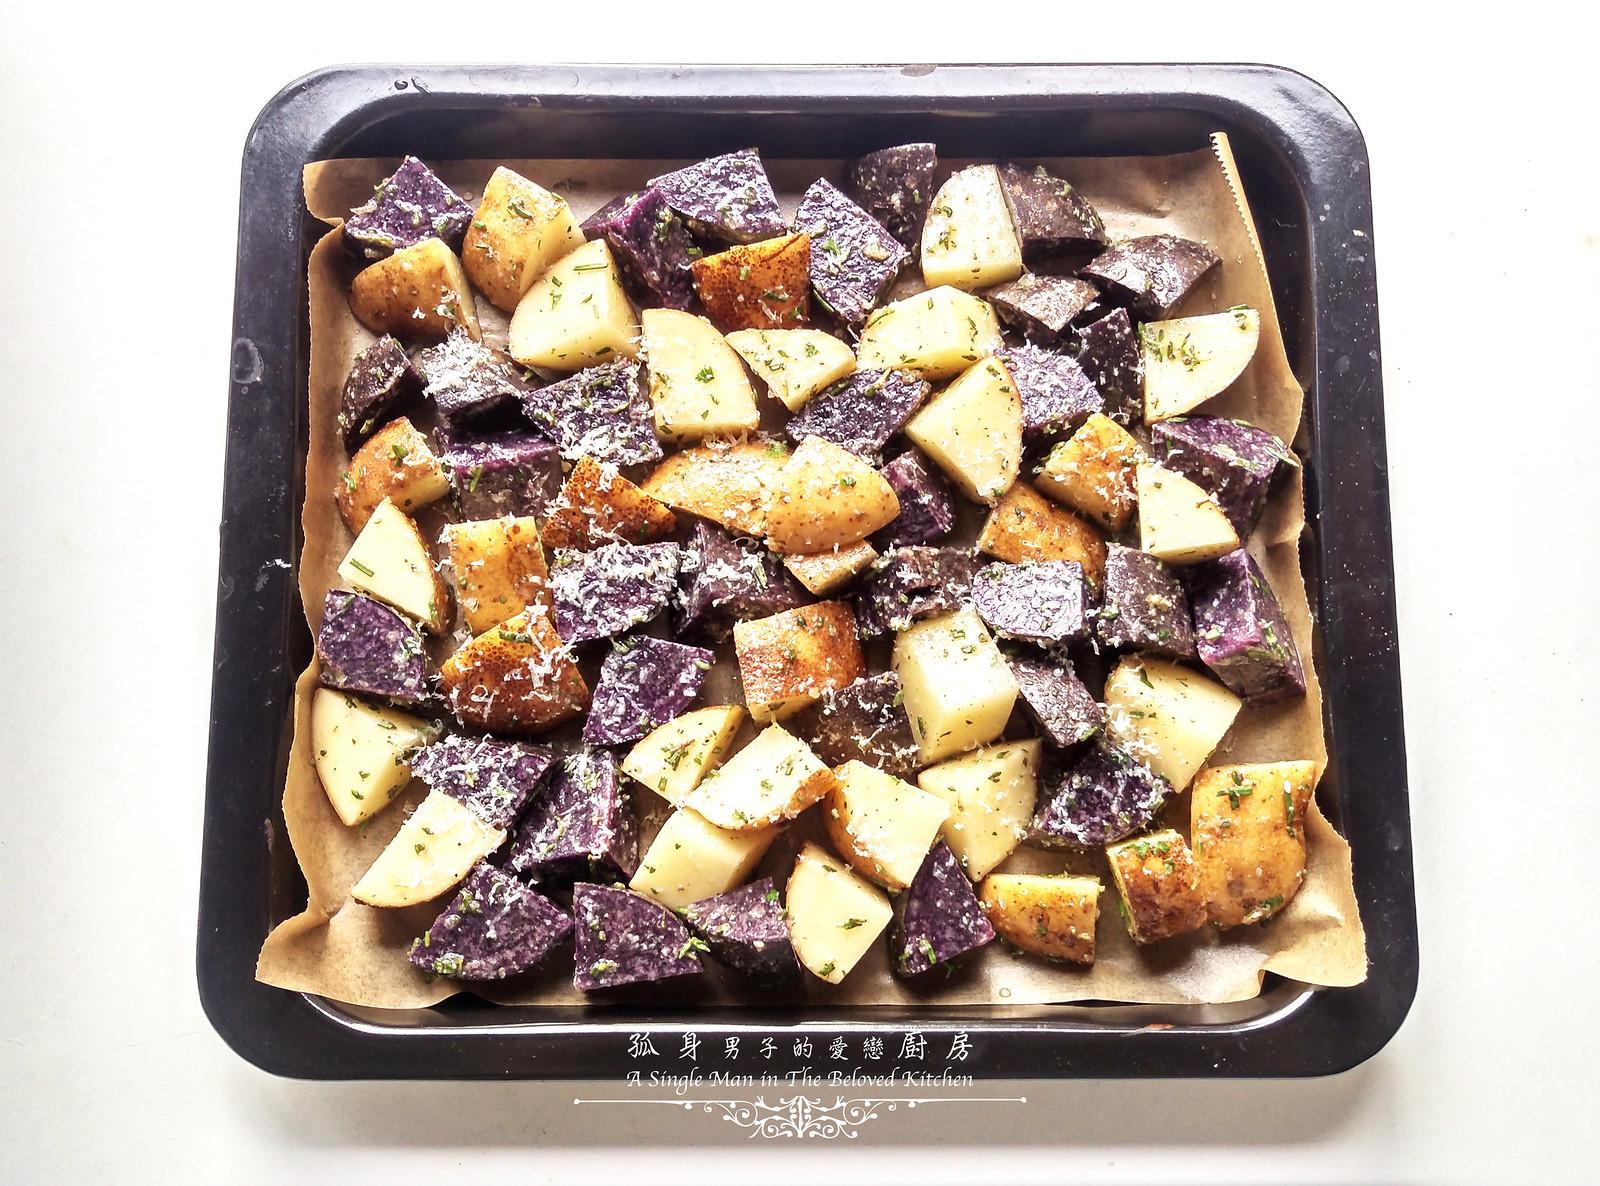 孤身廚房-香草烤雙色馬鈴薯──好吃又簡單的烤箱料理8